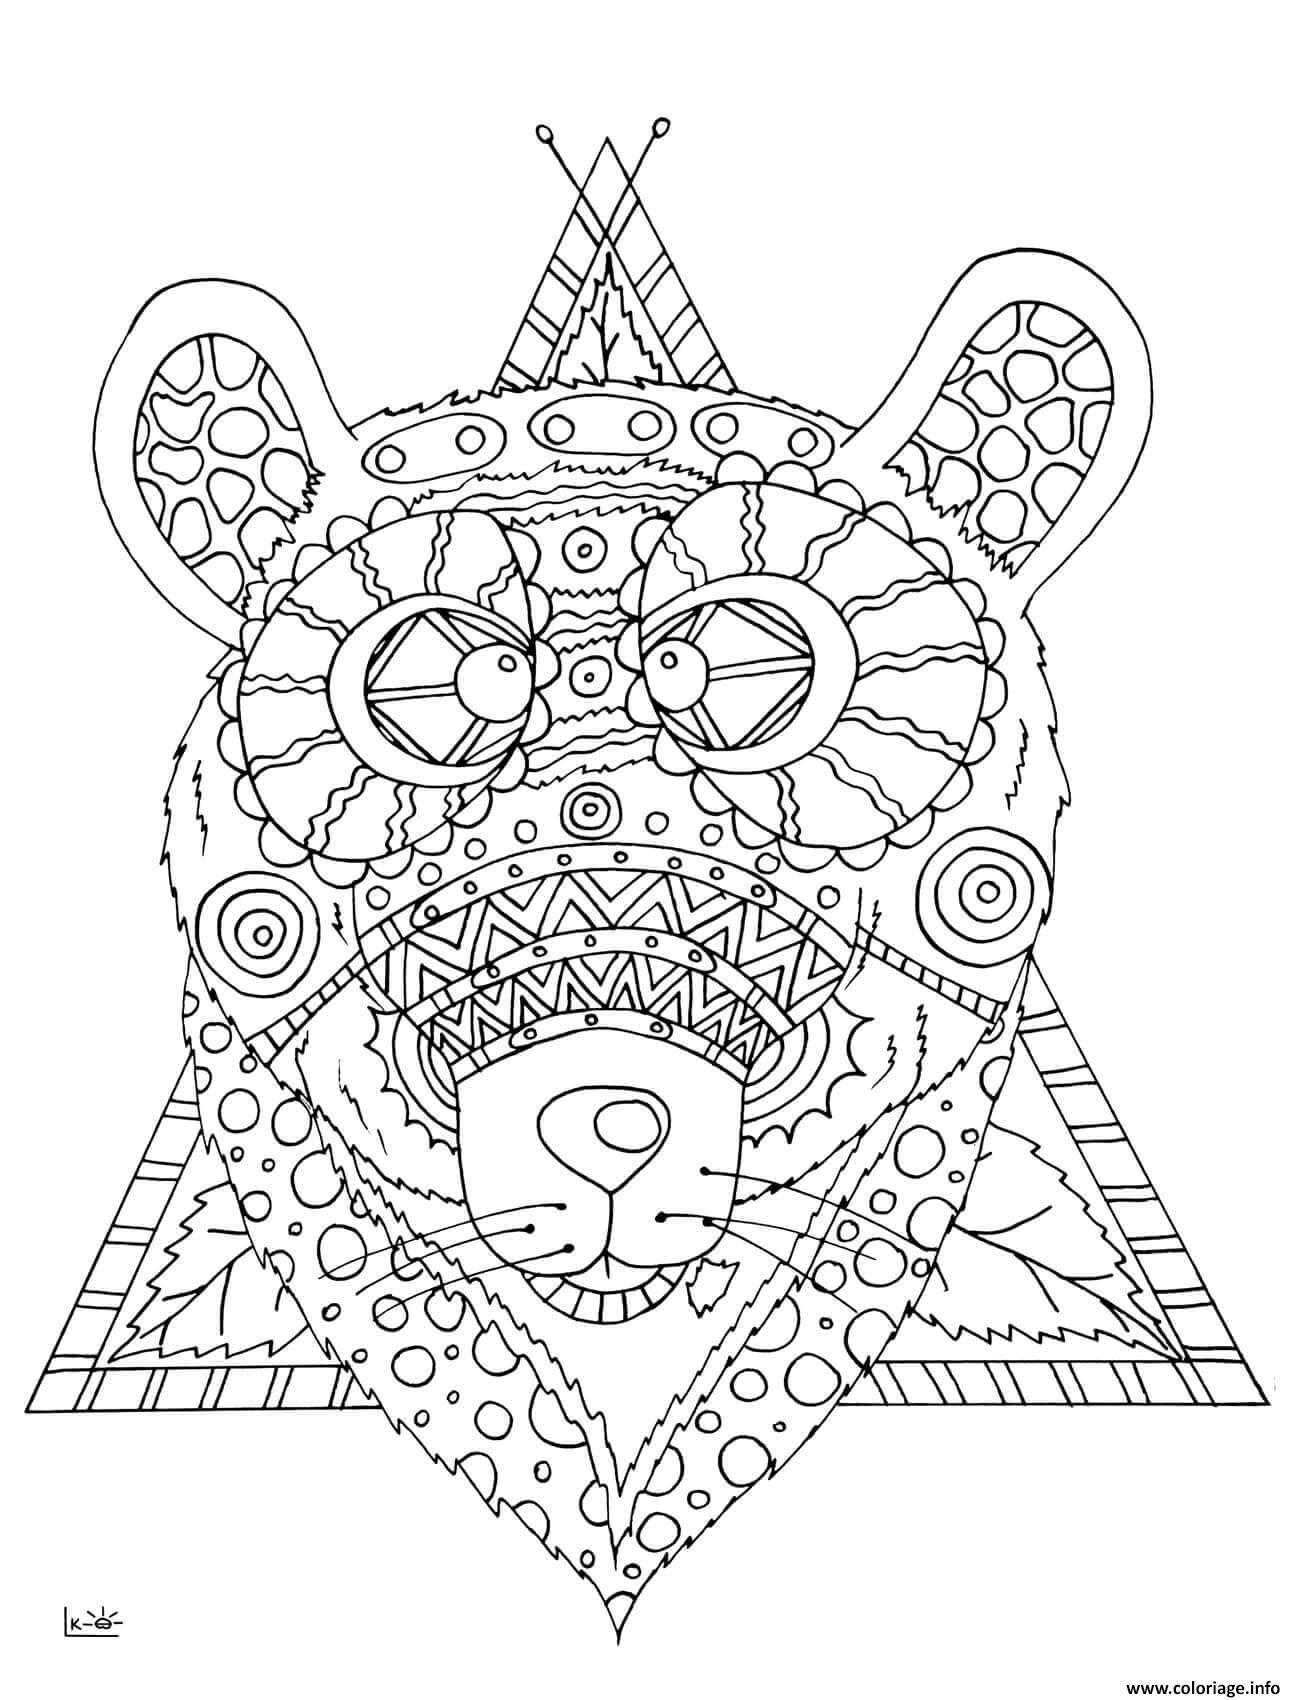 Dessin bear with tribal pattern adulte Coloriage Gratuit à Imprimer